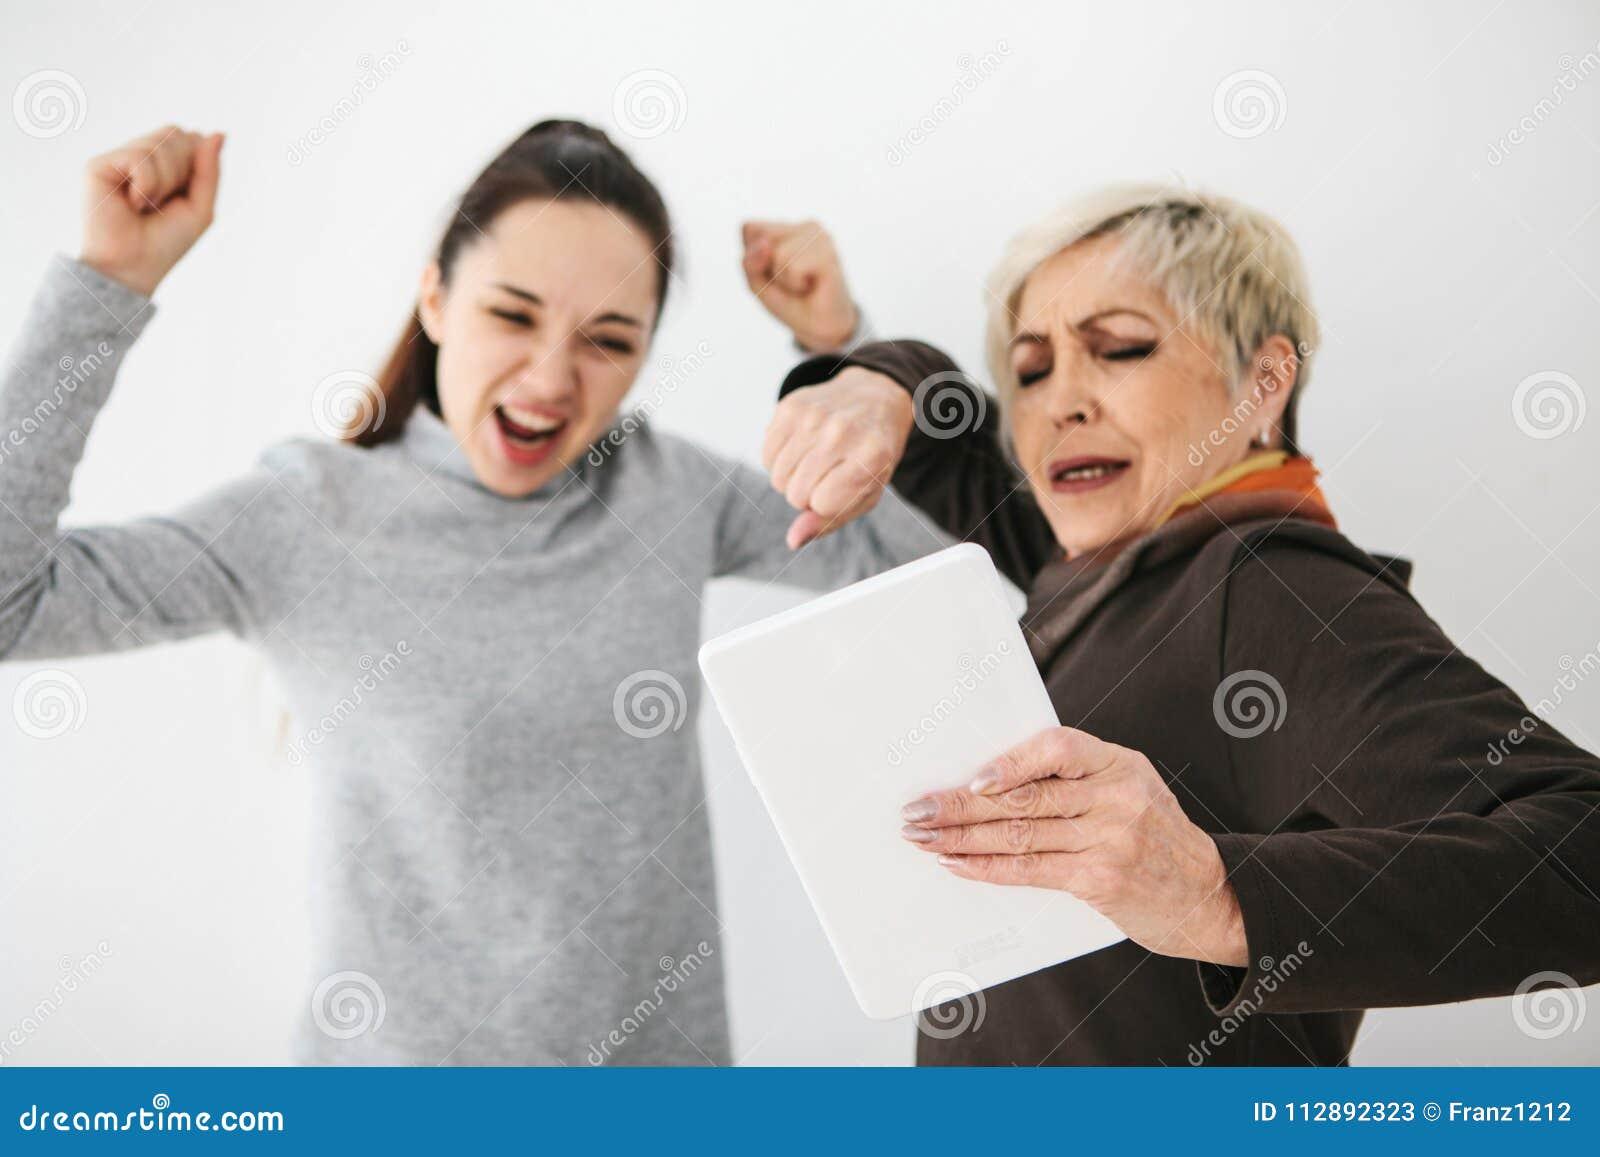 Een jong meisje en een bejaarde bekijken iets die op de tablet interesseren en tonen emoties Gezamenlijke mededeling,